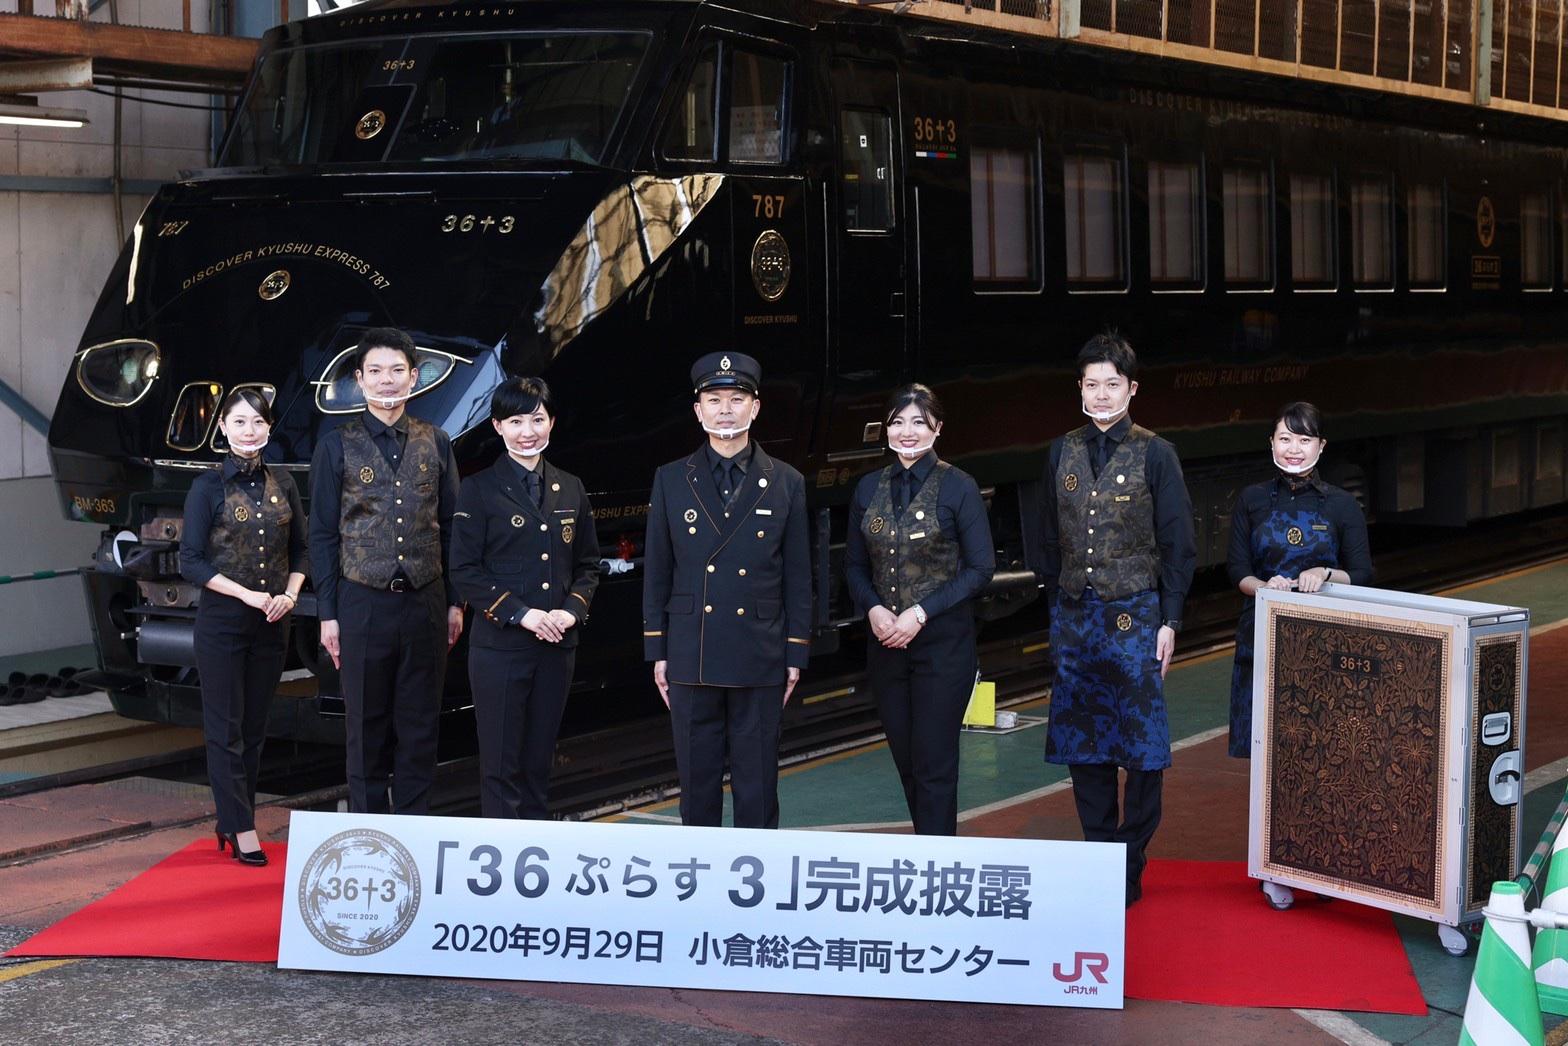 【車両完成披露!!】「36ぷらす3」運行開始に向けてカウントダウン!!